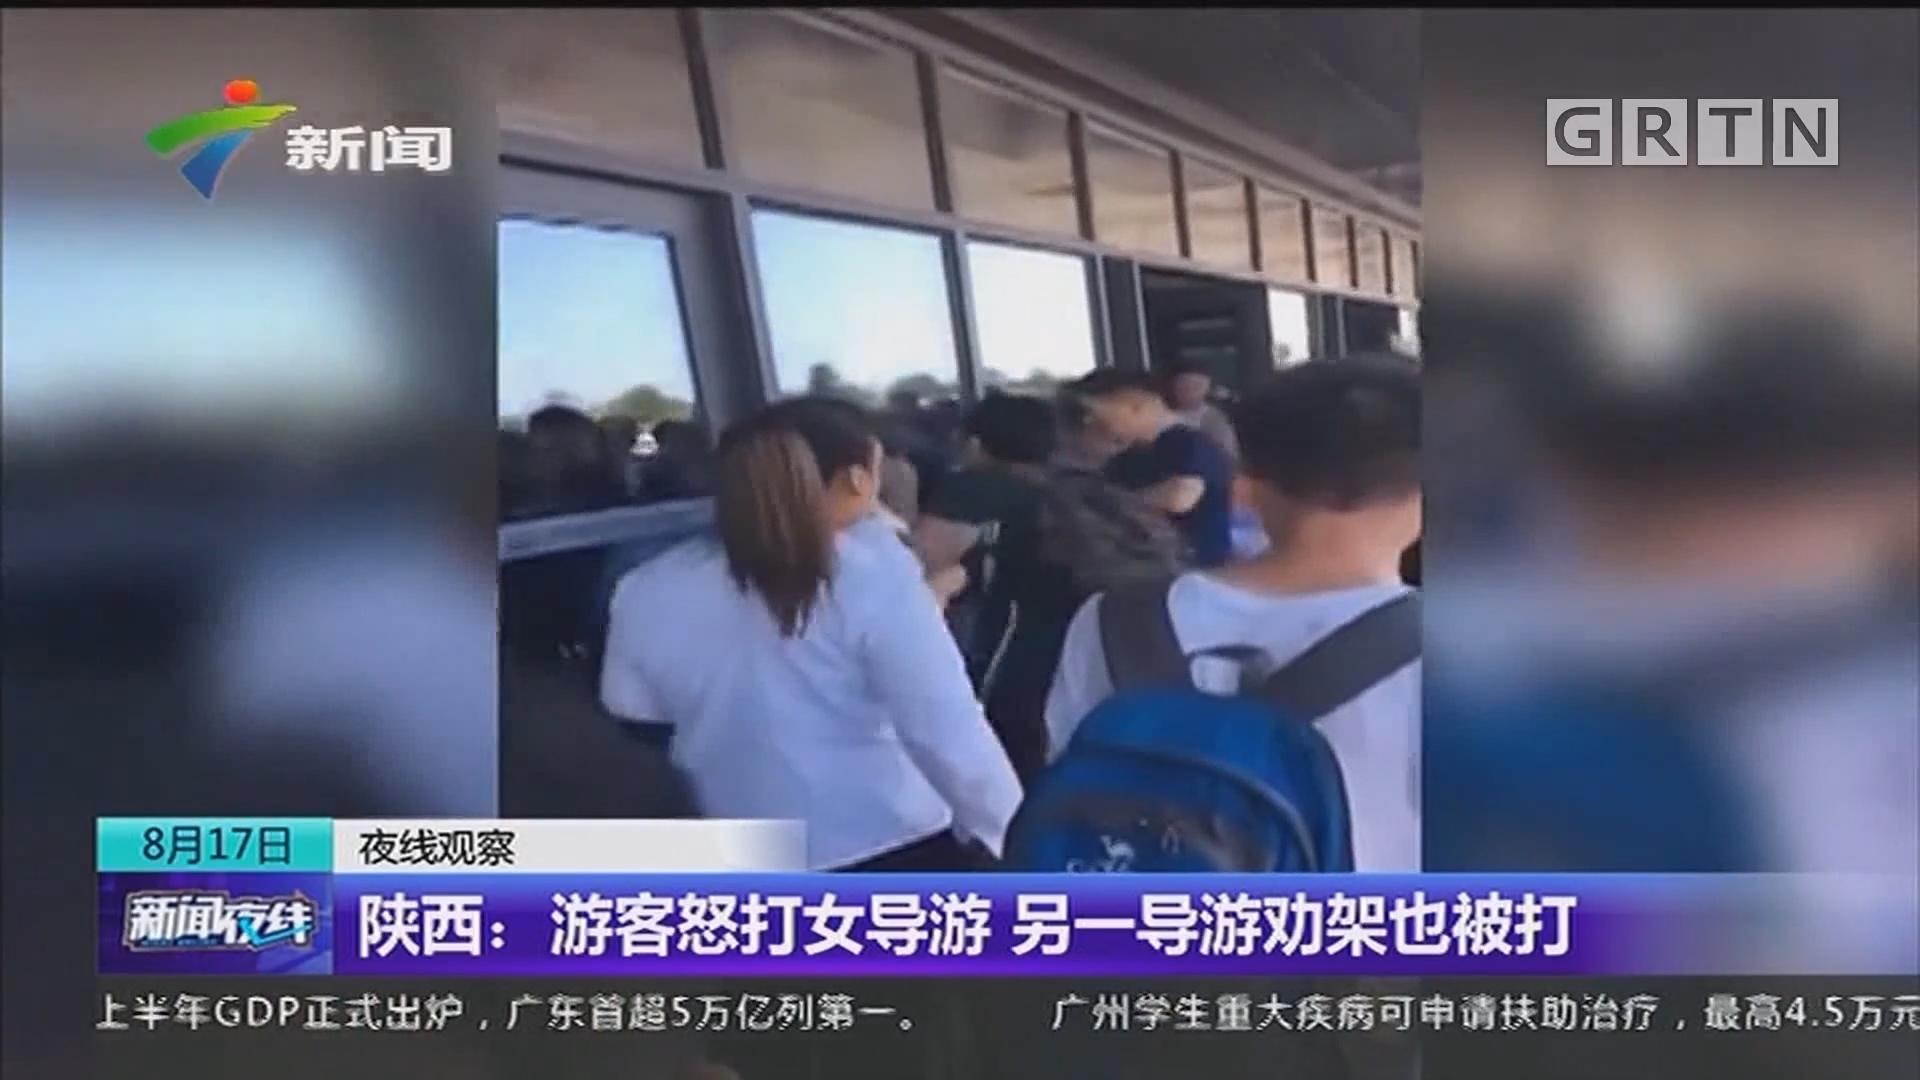 陕西:游客怒打女导游 另一导游劝架也被打